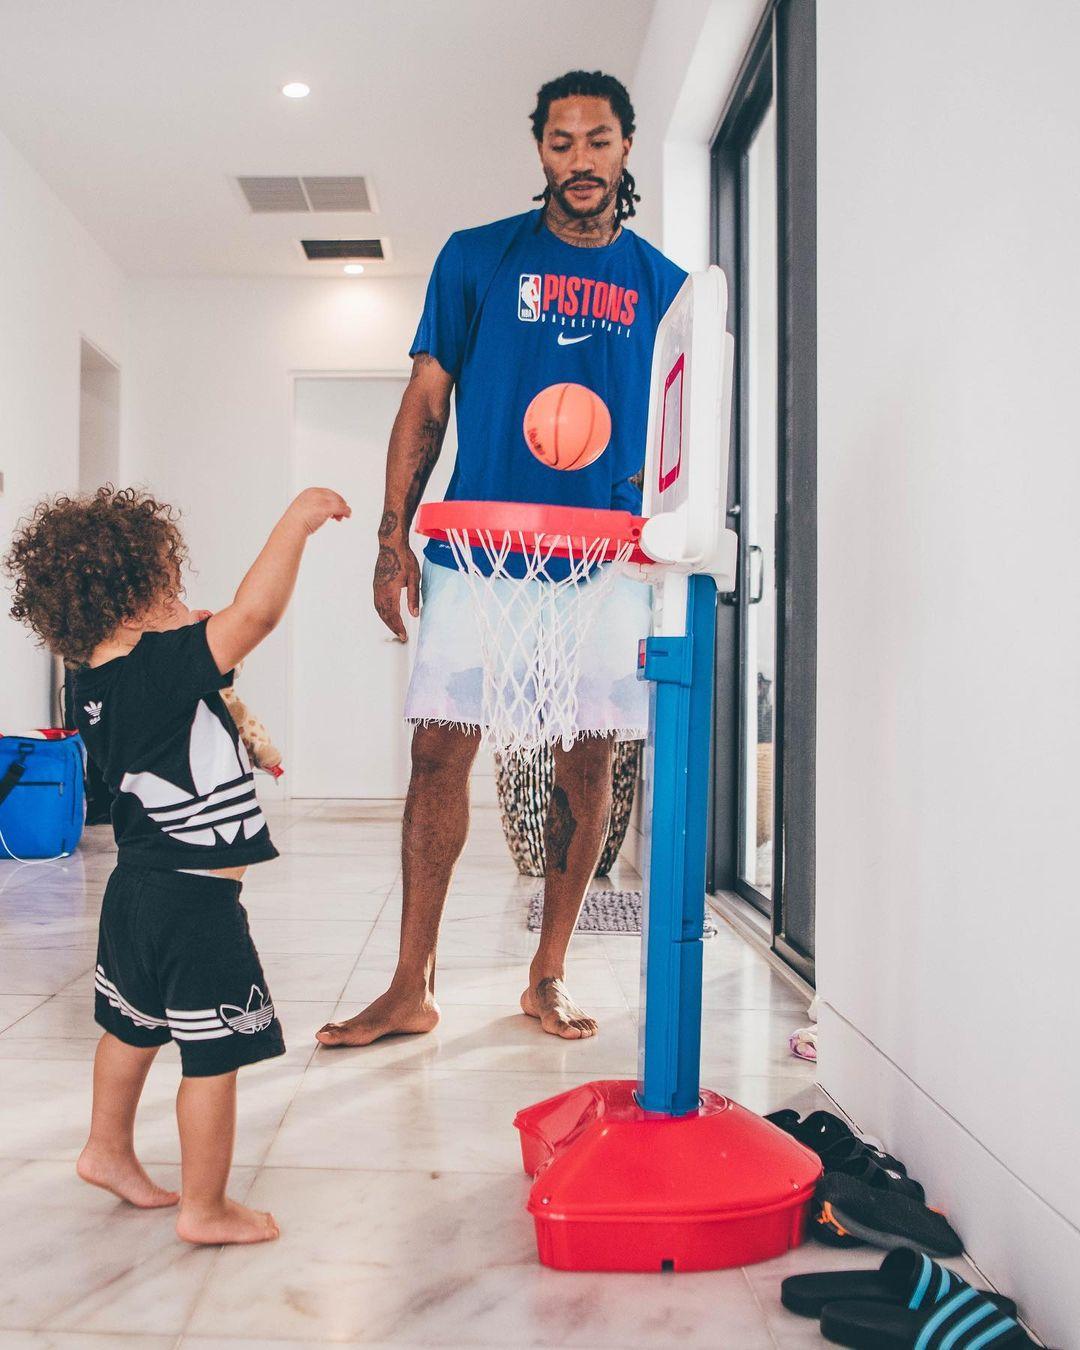 其乐融融!罗斯带儿子玩儿童篮筐